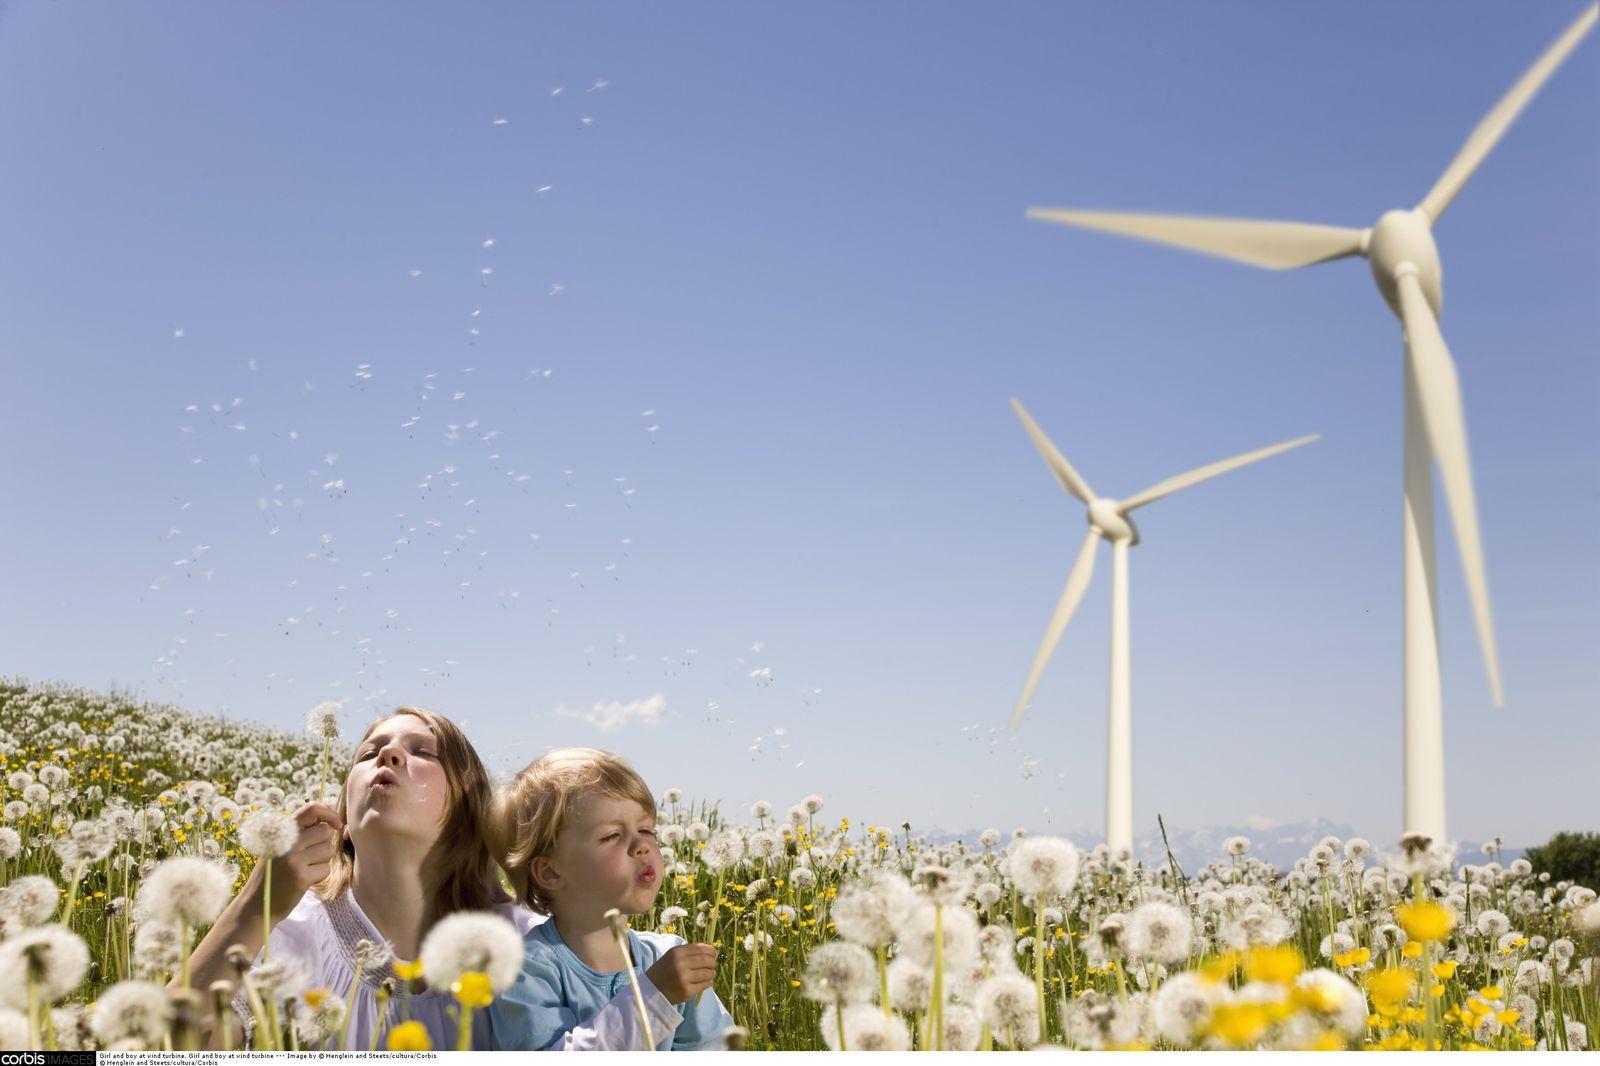 NICHT MEHR VERWENDEN! - Windkraft